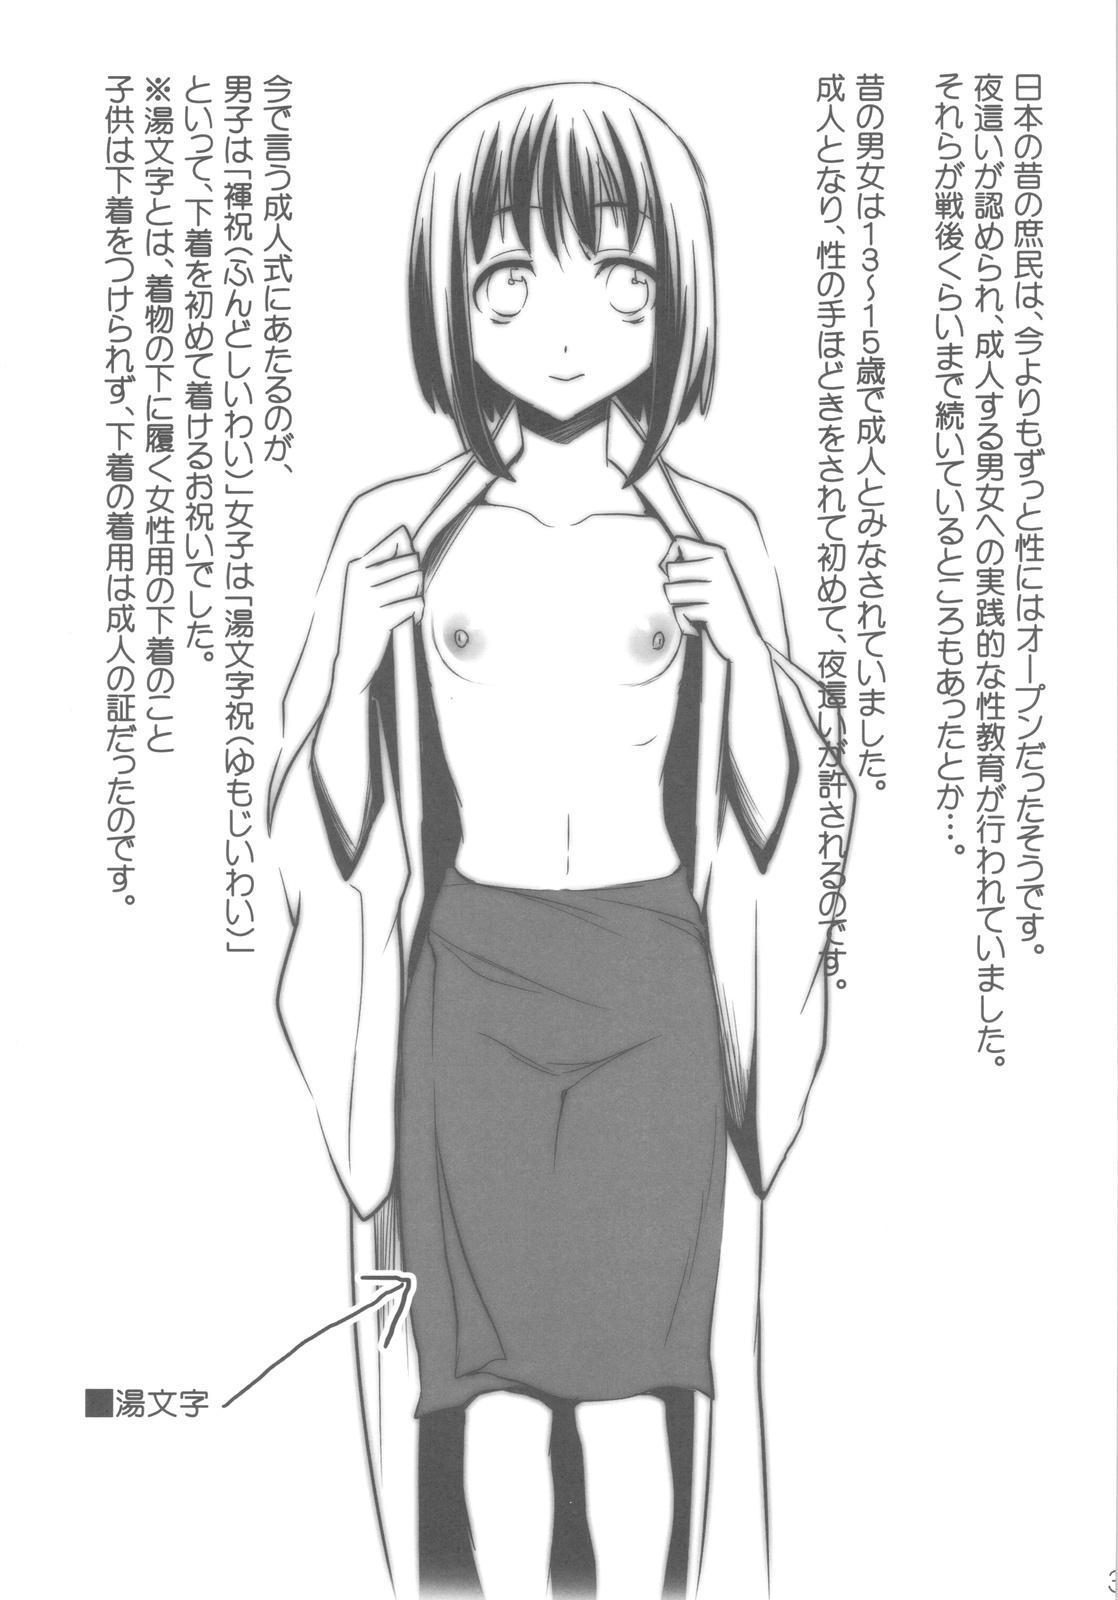 Jougasaki Shimai no Zenryoku Love Attack + Omake bon 18